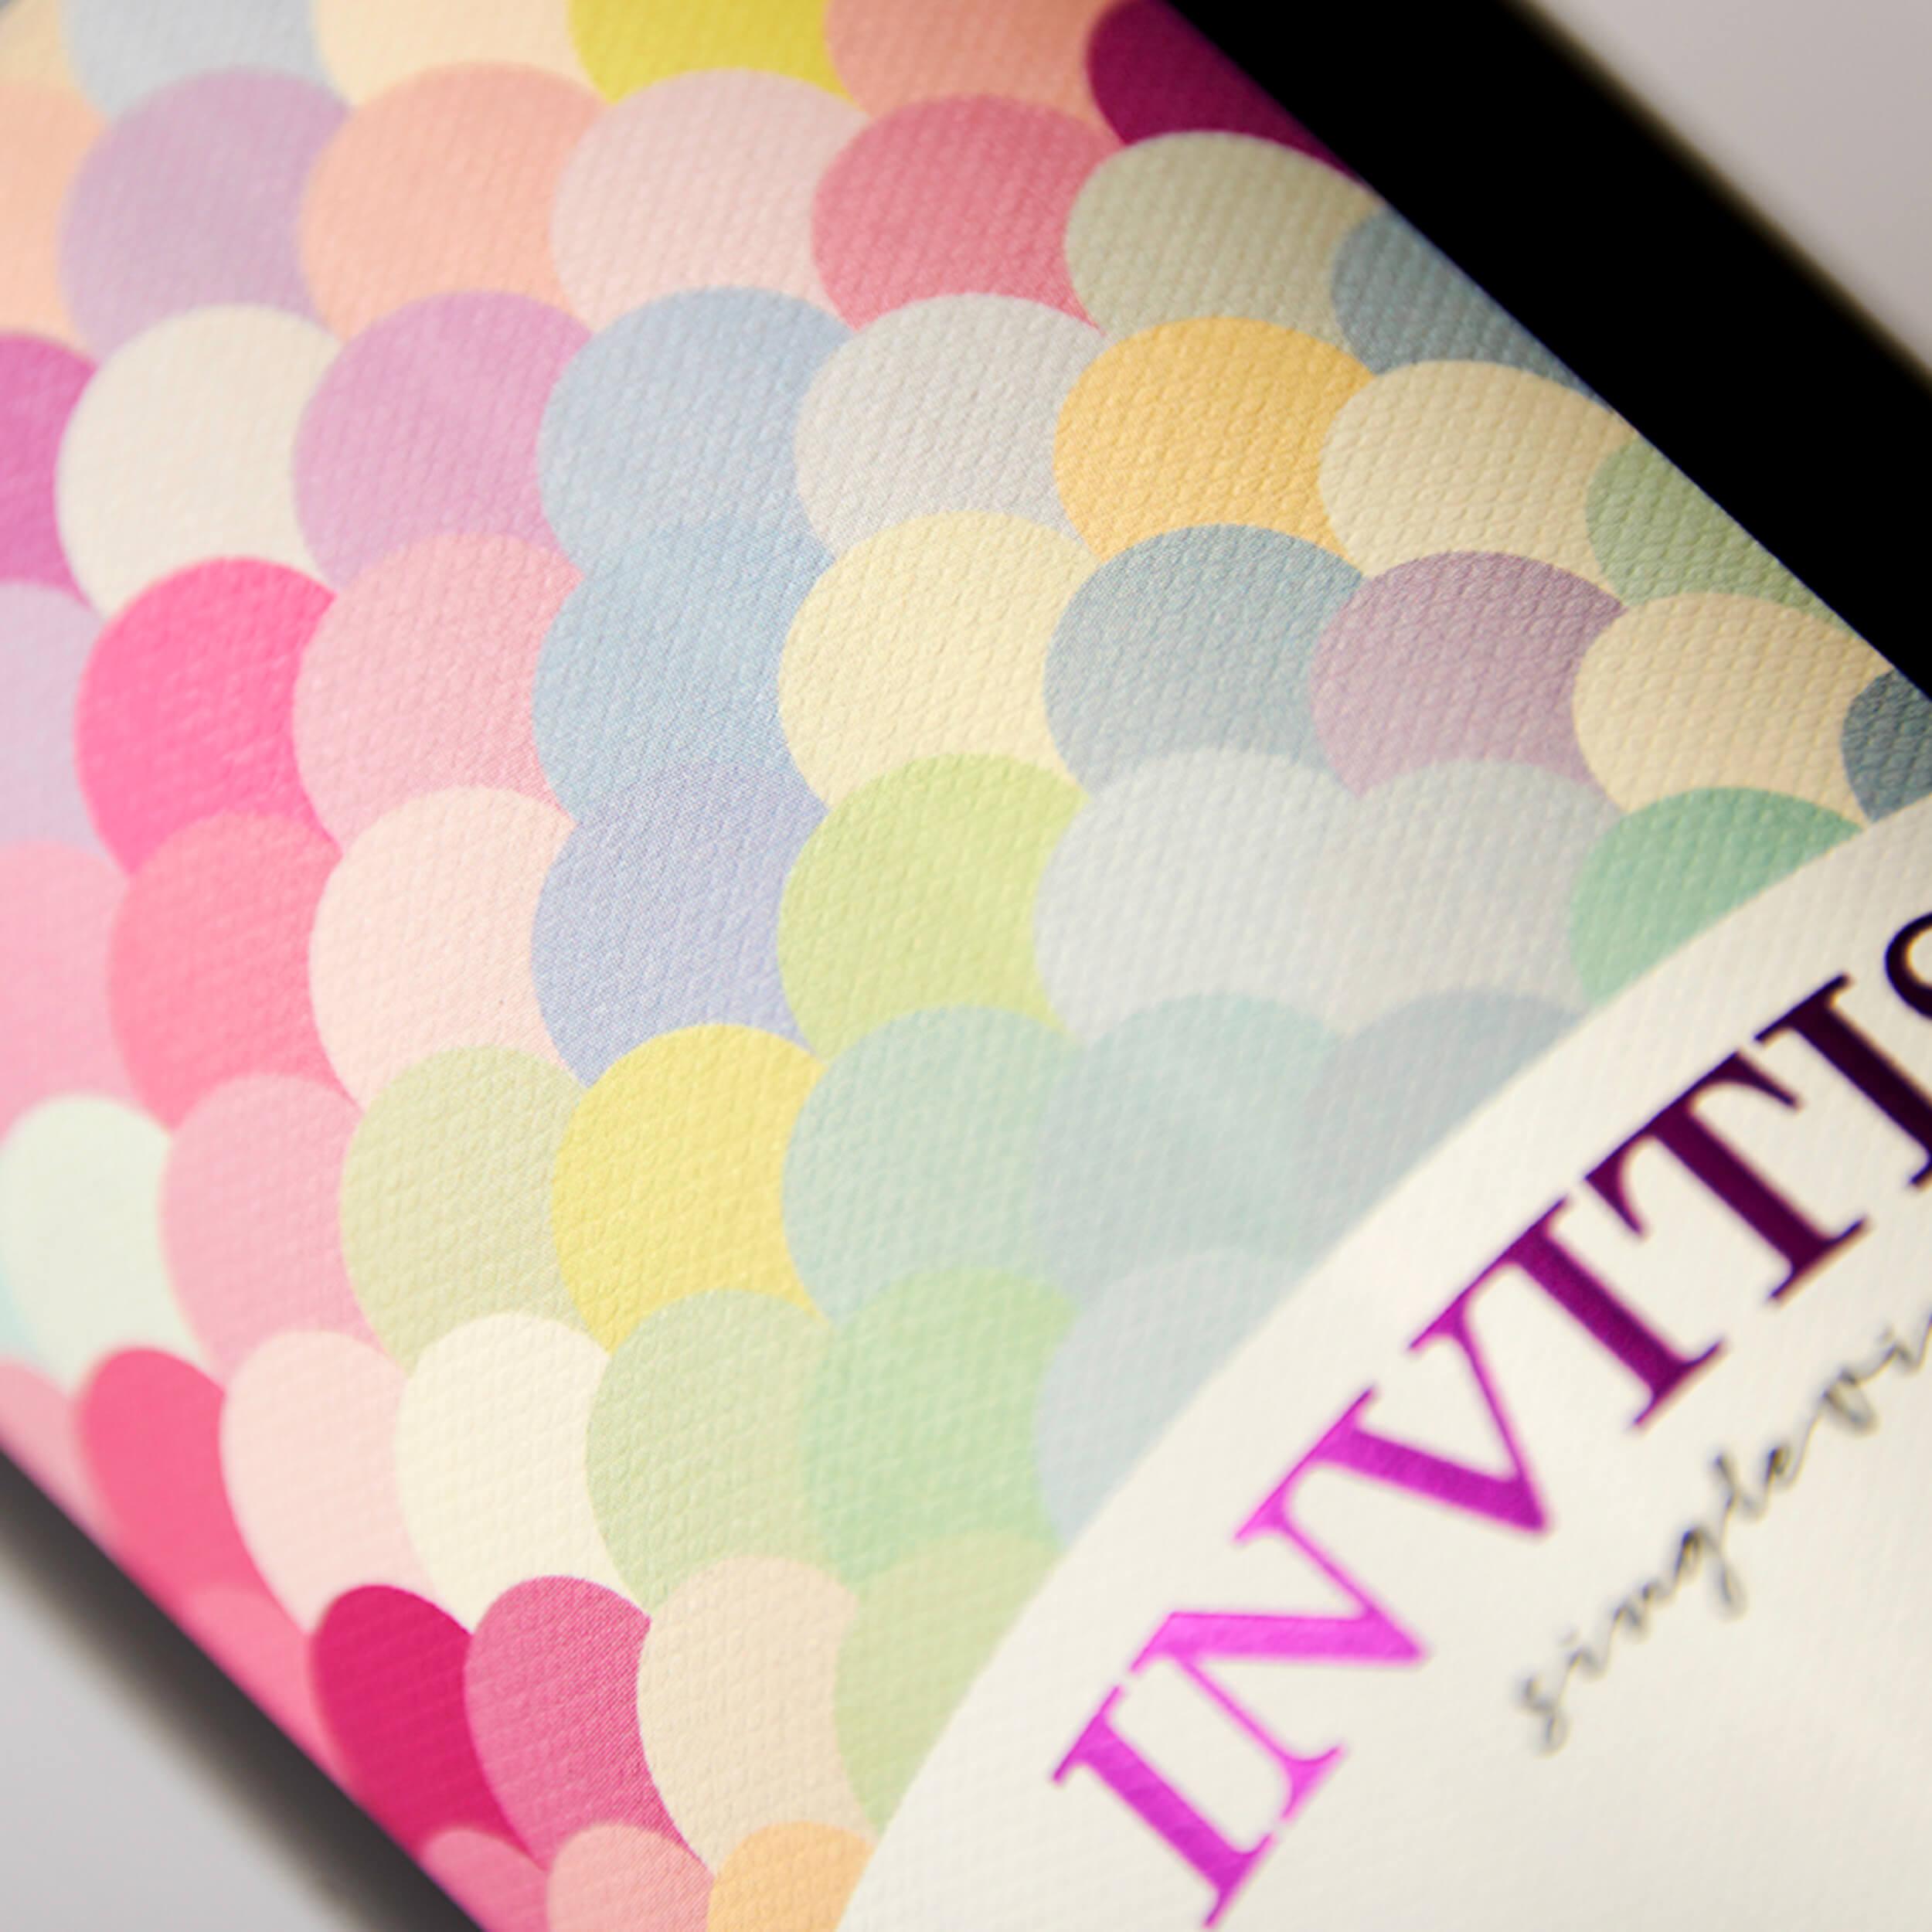 vinos-portada-invitis-singlevinyard-carignan.jpg